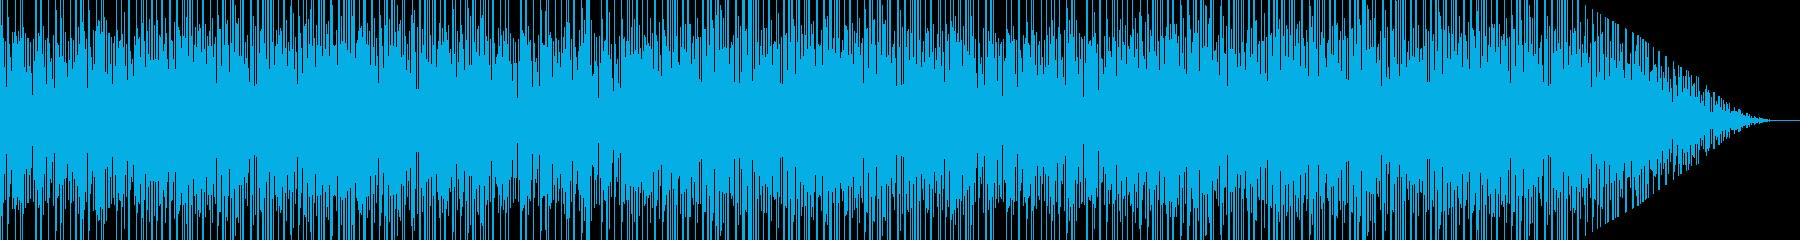 アラビアンナイトっぽいアジアン民族音楽の再生済みの波形